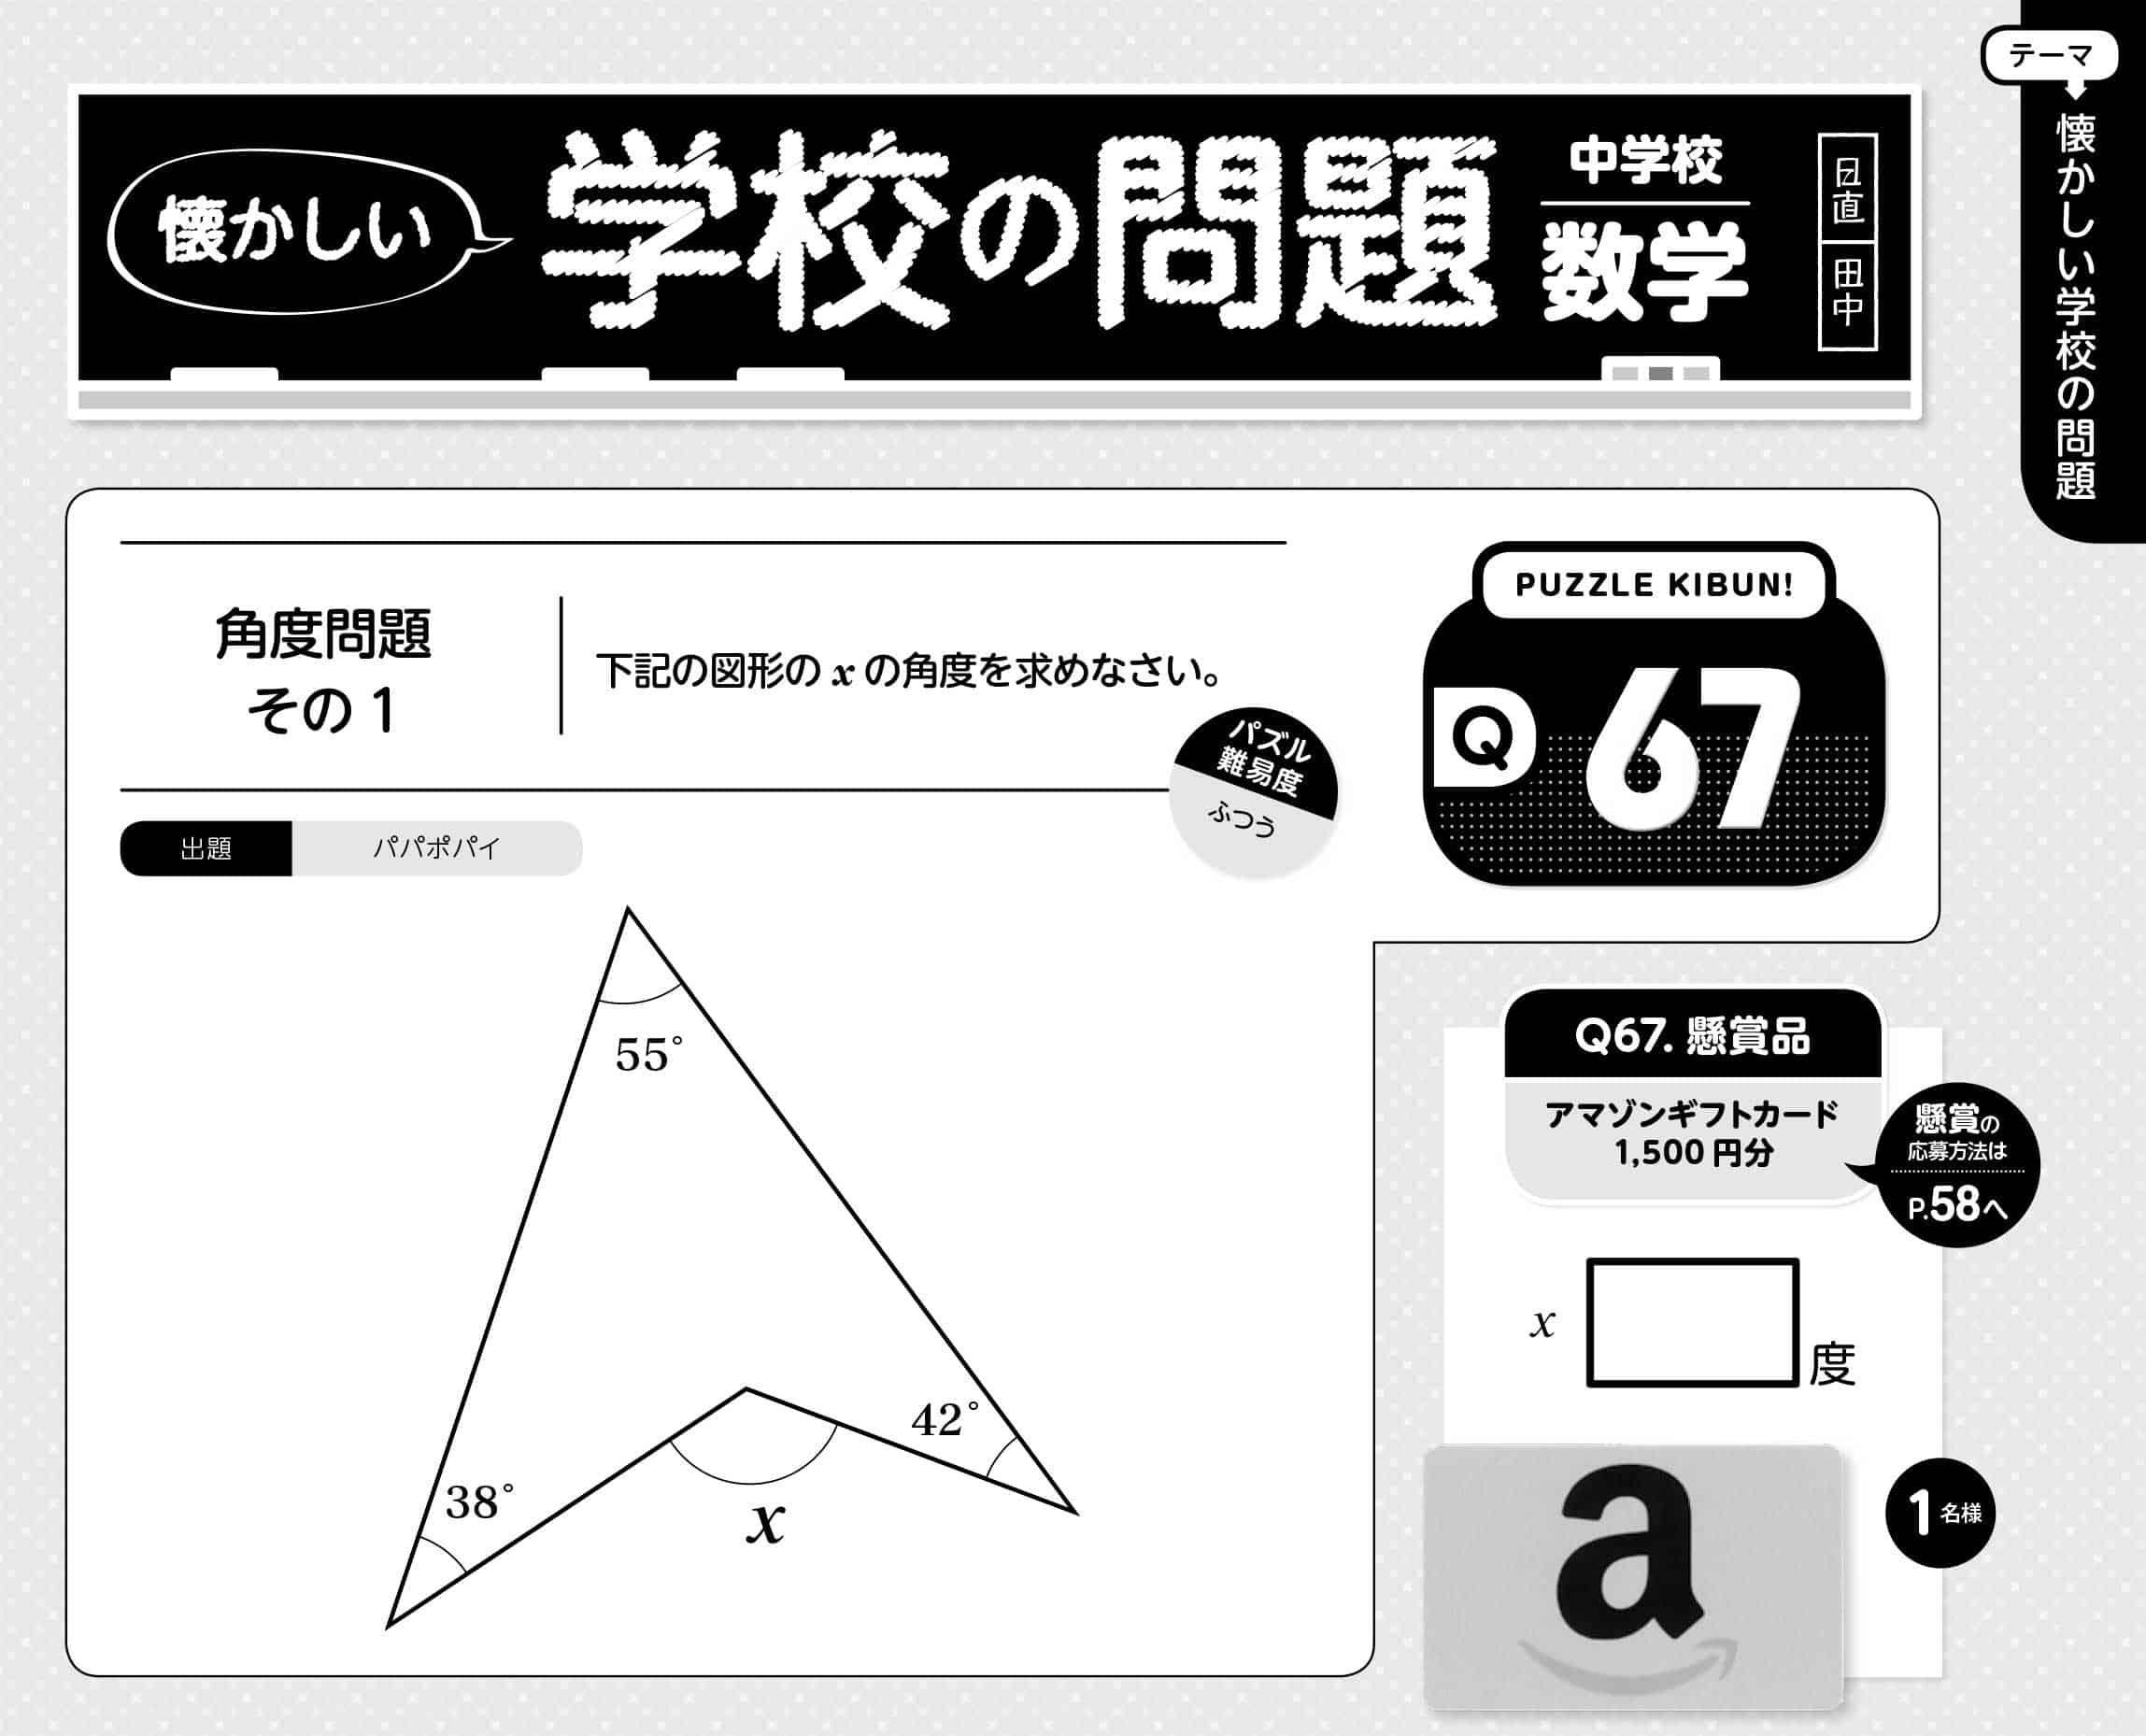 【パズルきぶん Vol.3】Q67 懐かしい学校の問題「角度問題」1